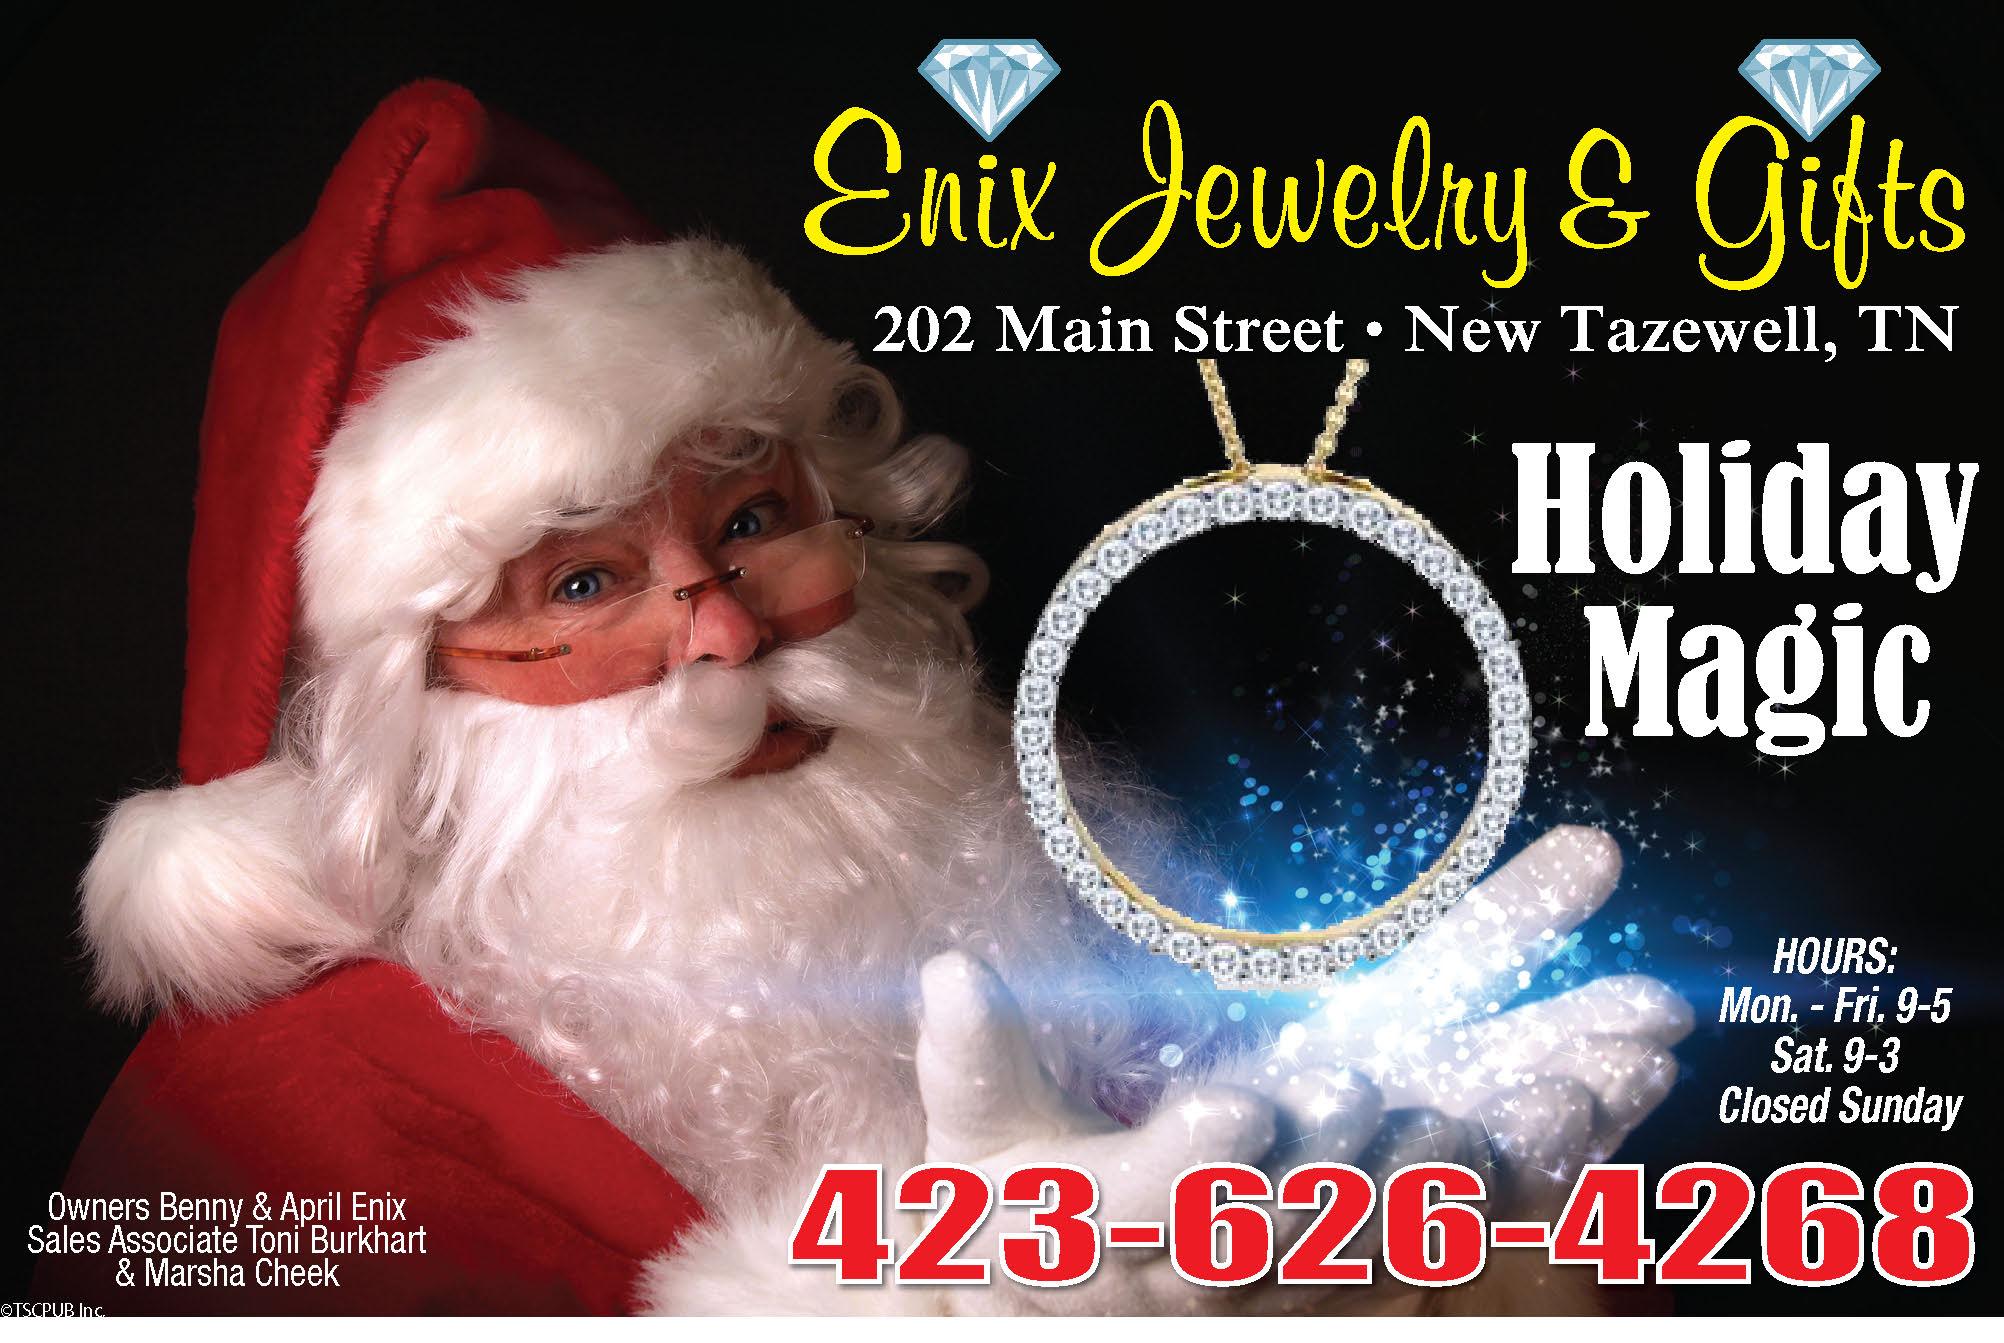 Enix Jewelry & Gifts